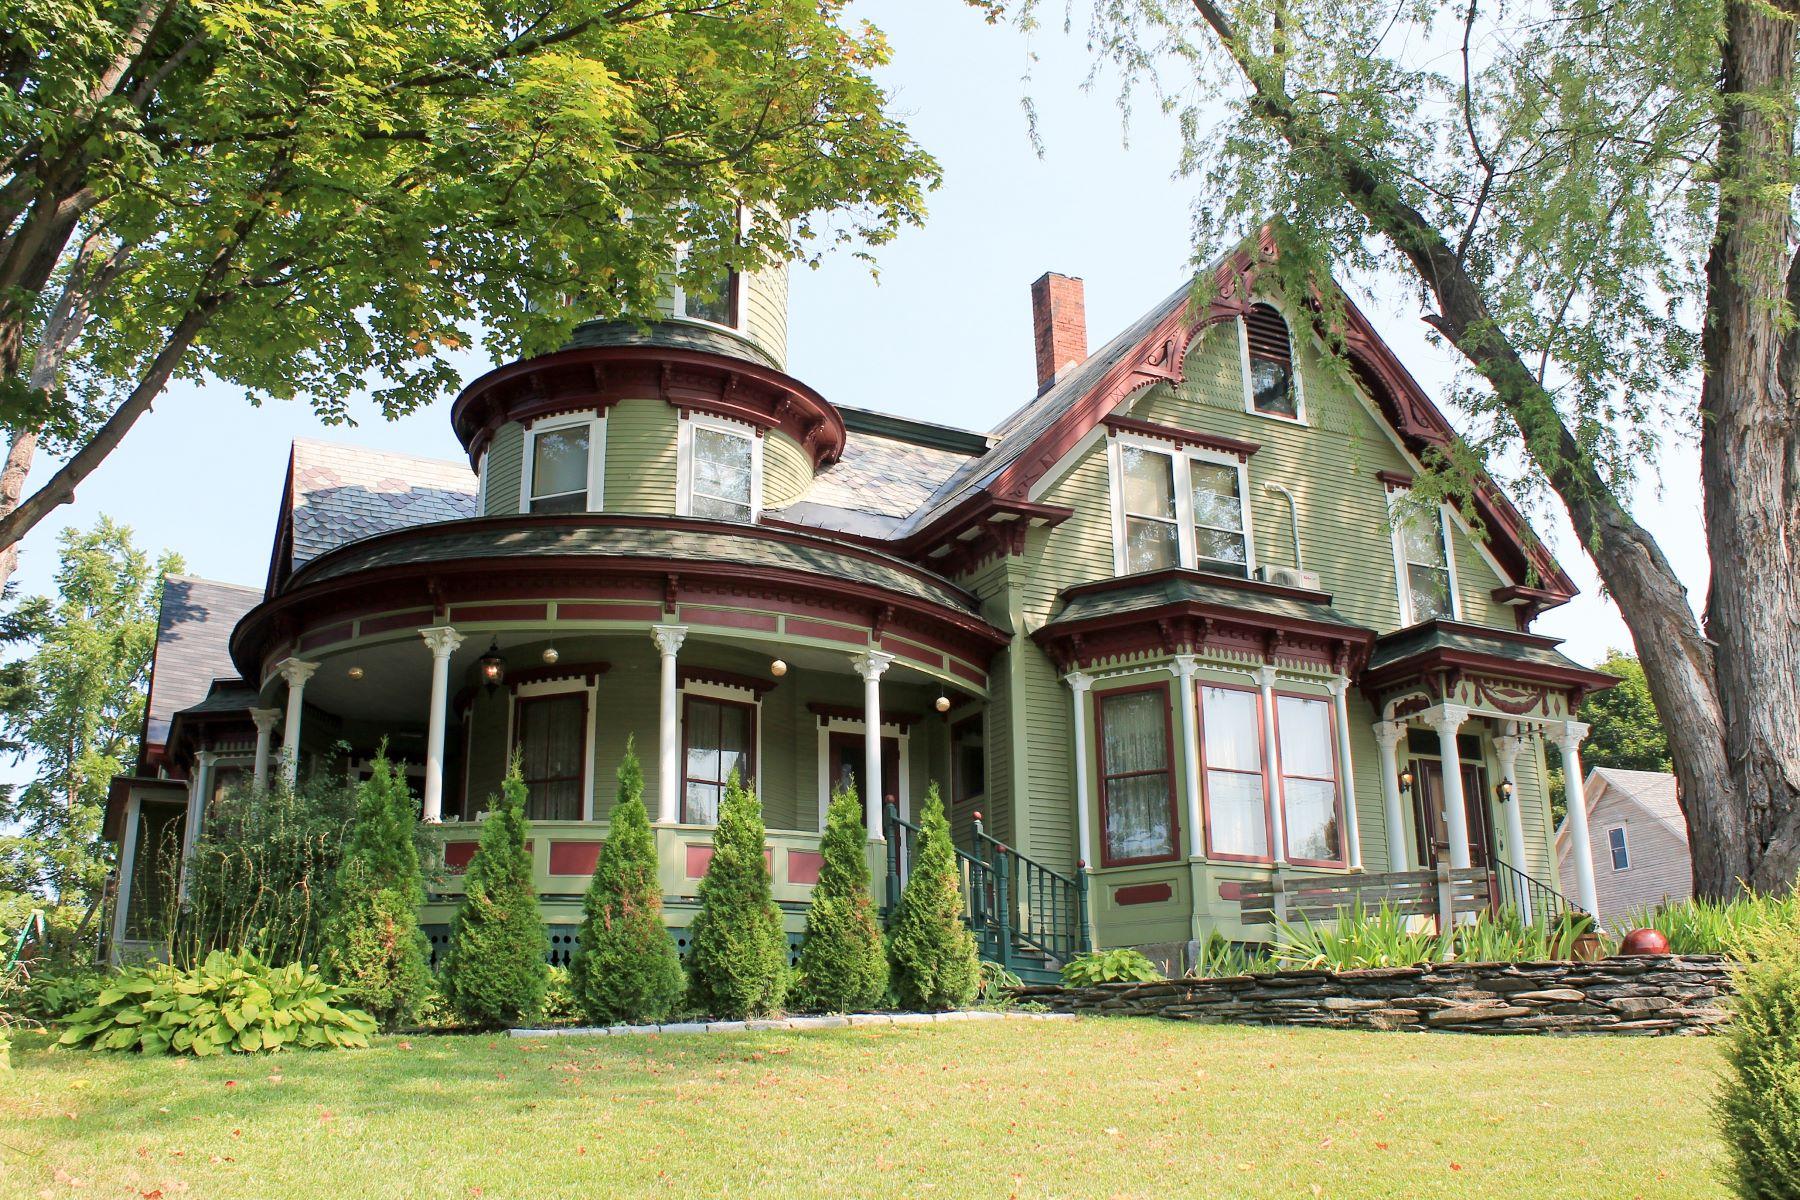 단독 가정 주택 용 매매 에 70 Washington Street, Barre City Barre, 베르몬트, 05641 미국